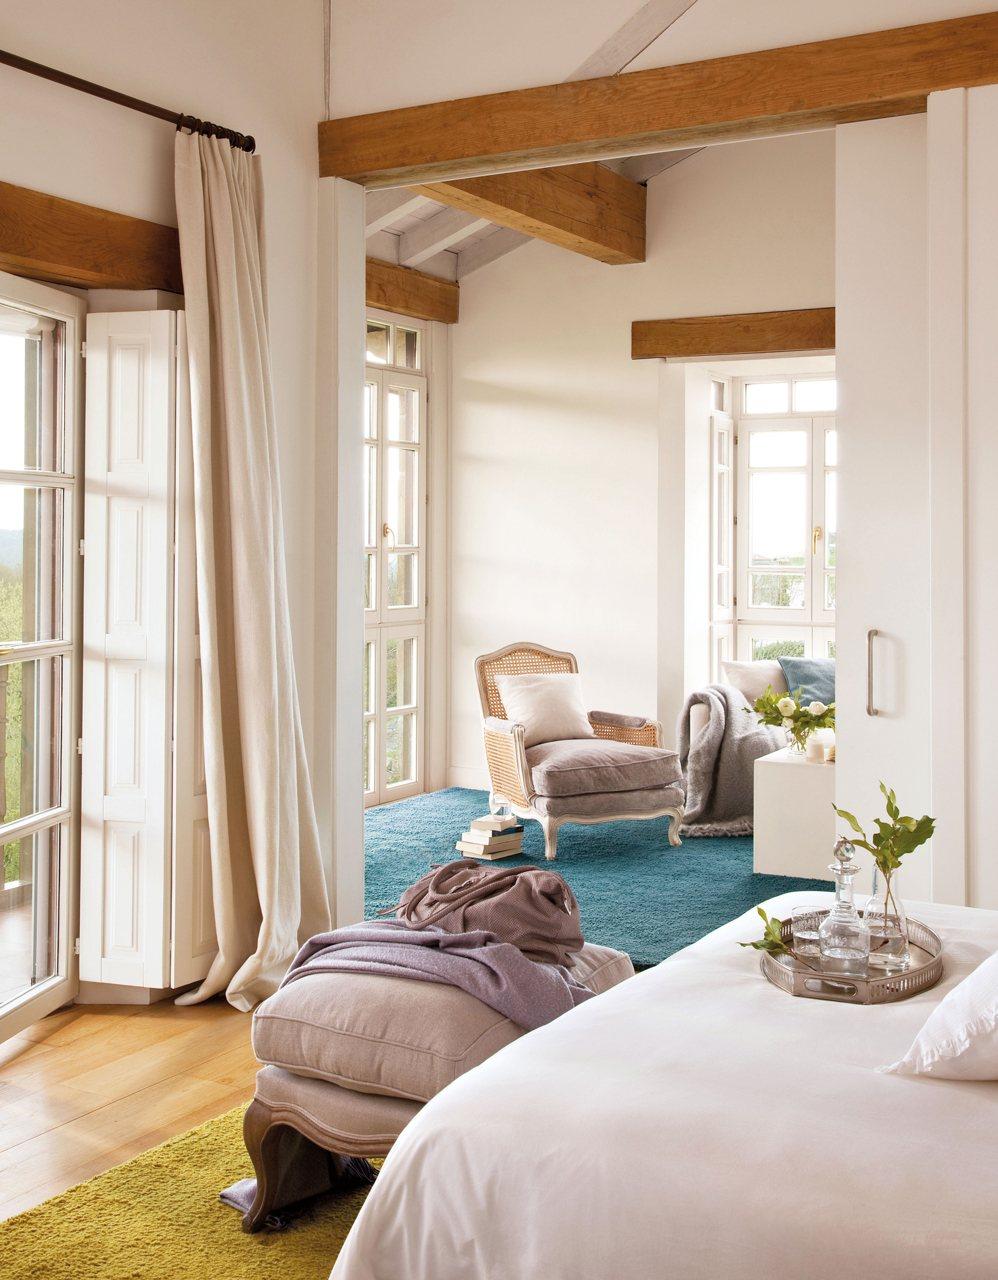 10 ideas para pisos peque os - Ideas para pisos pequenos ...